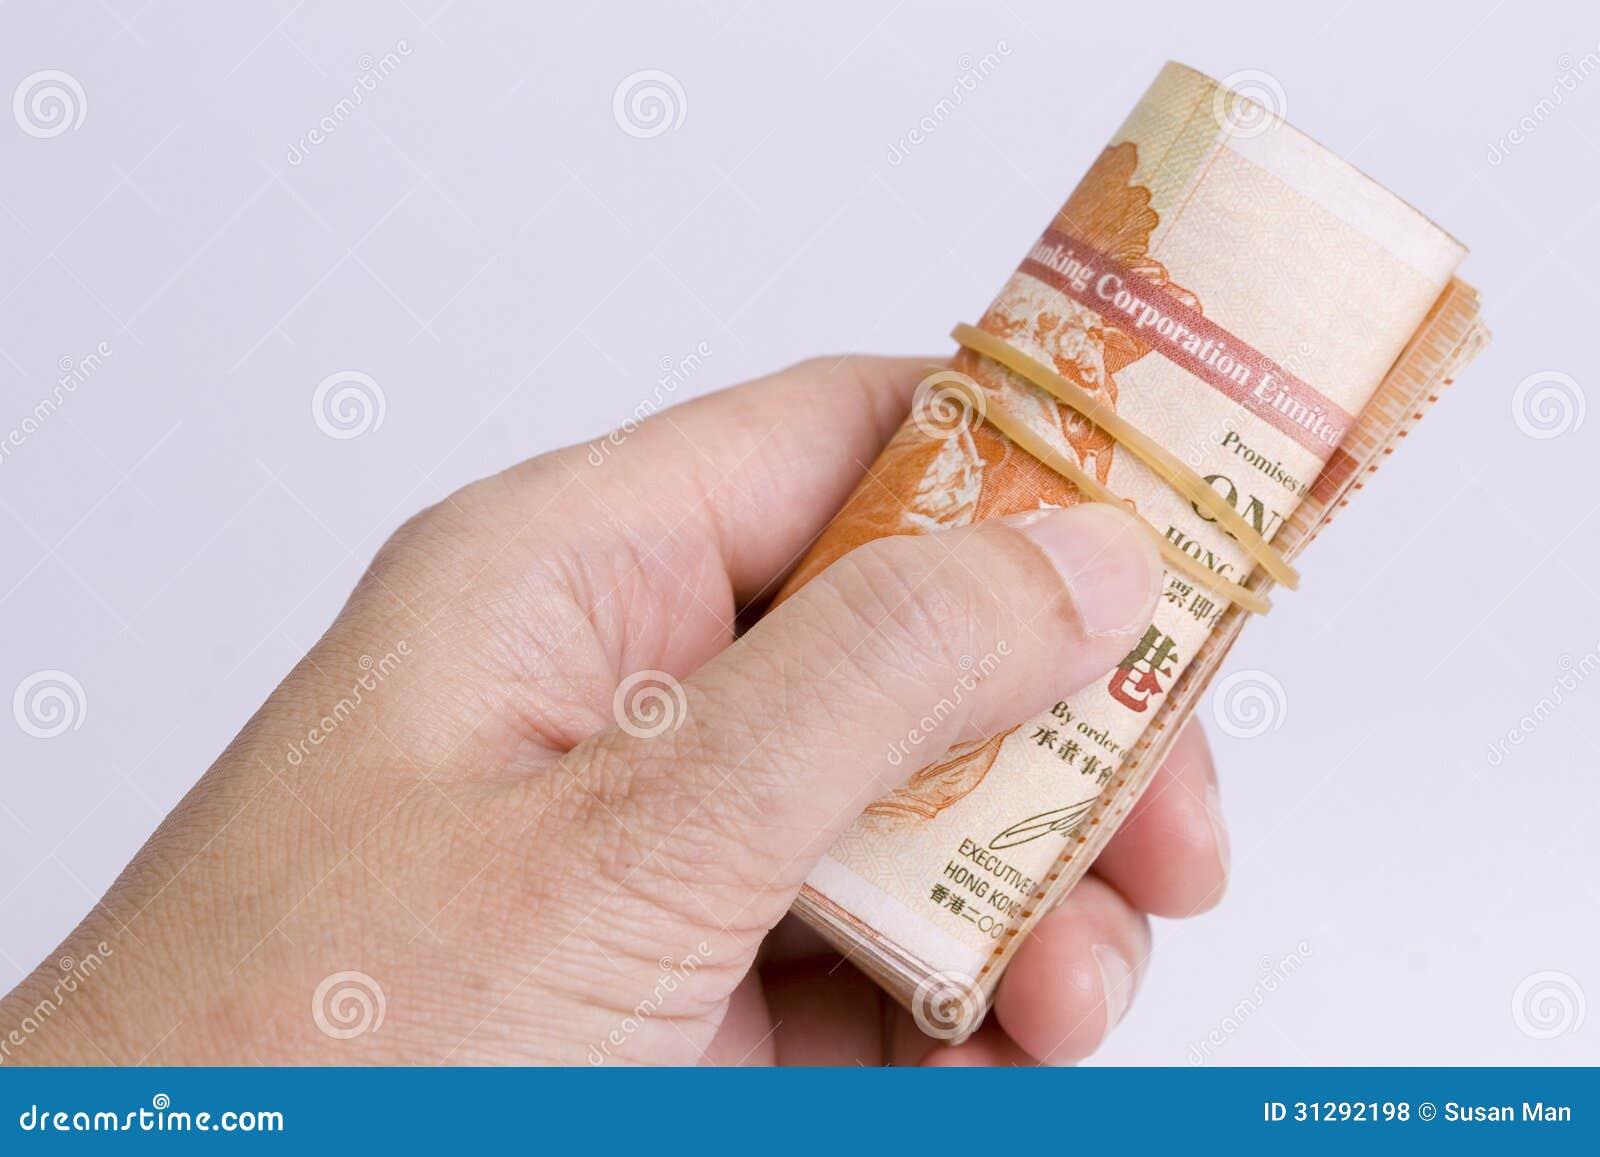 Коррупция - предлагать взятку